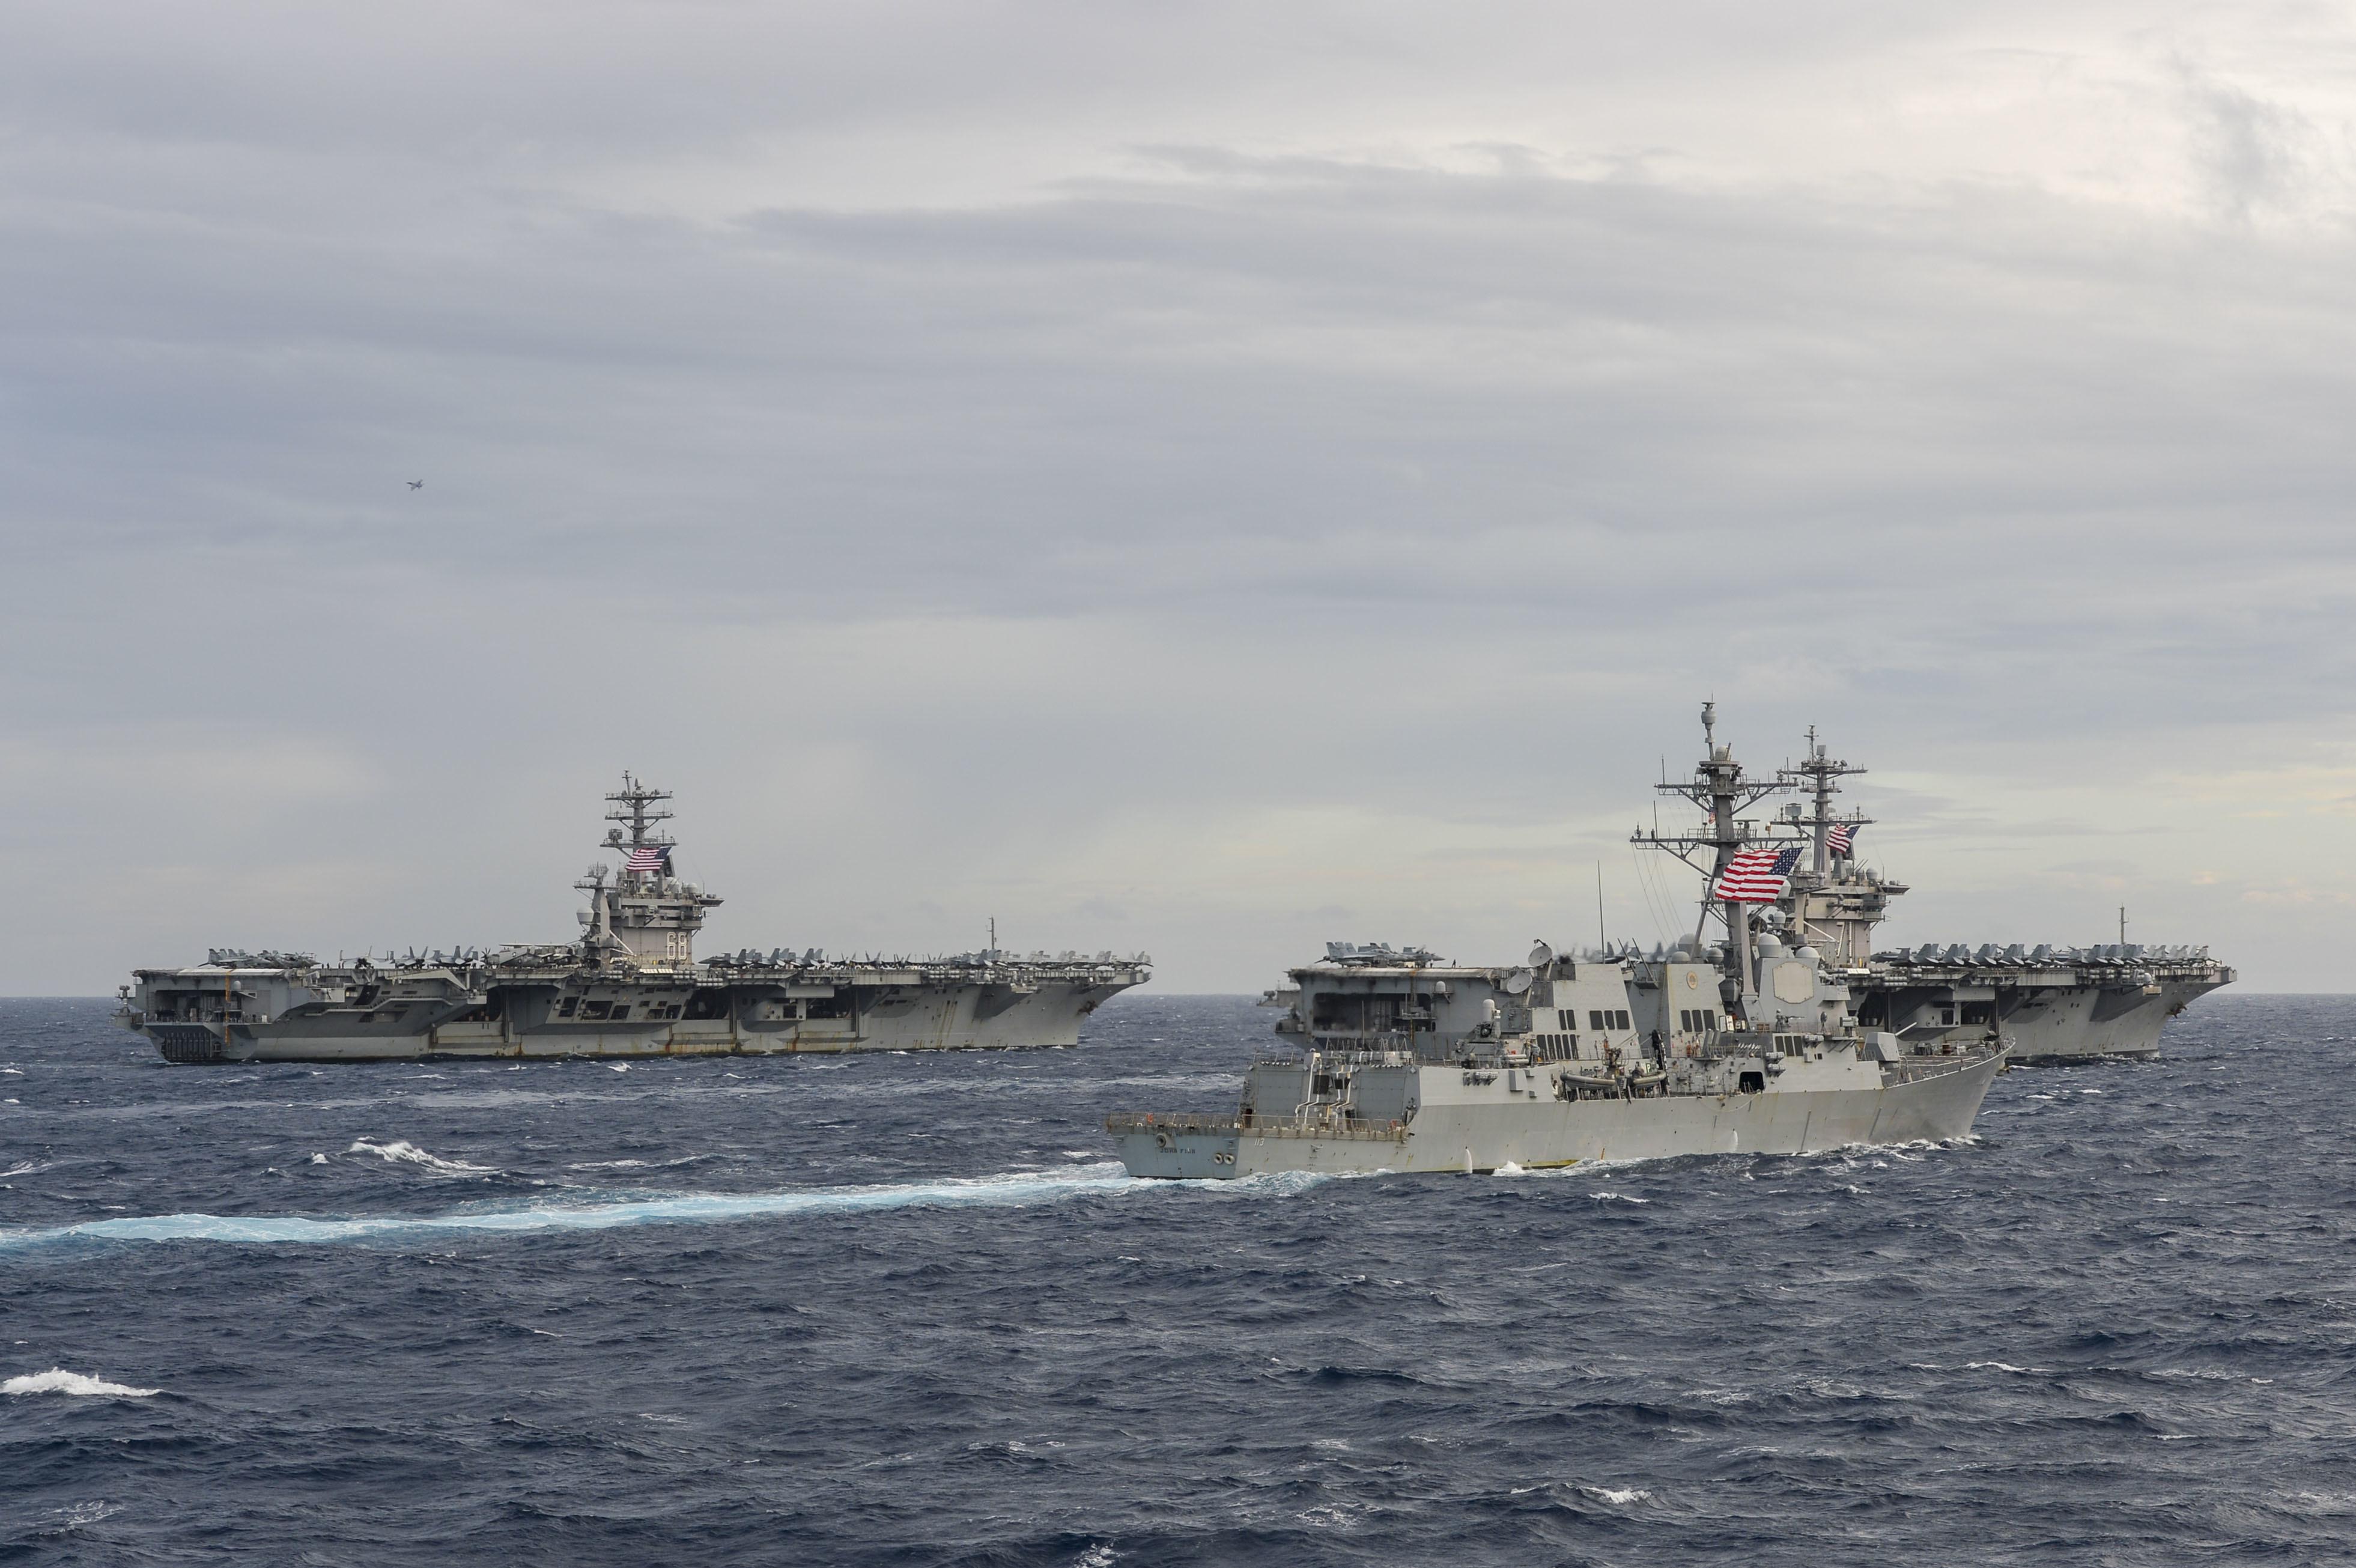 Estados Unidos continuarão operando no Mar do Sul da China para garantir a prosperidade de todos